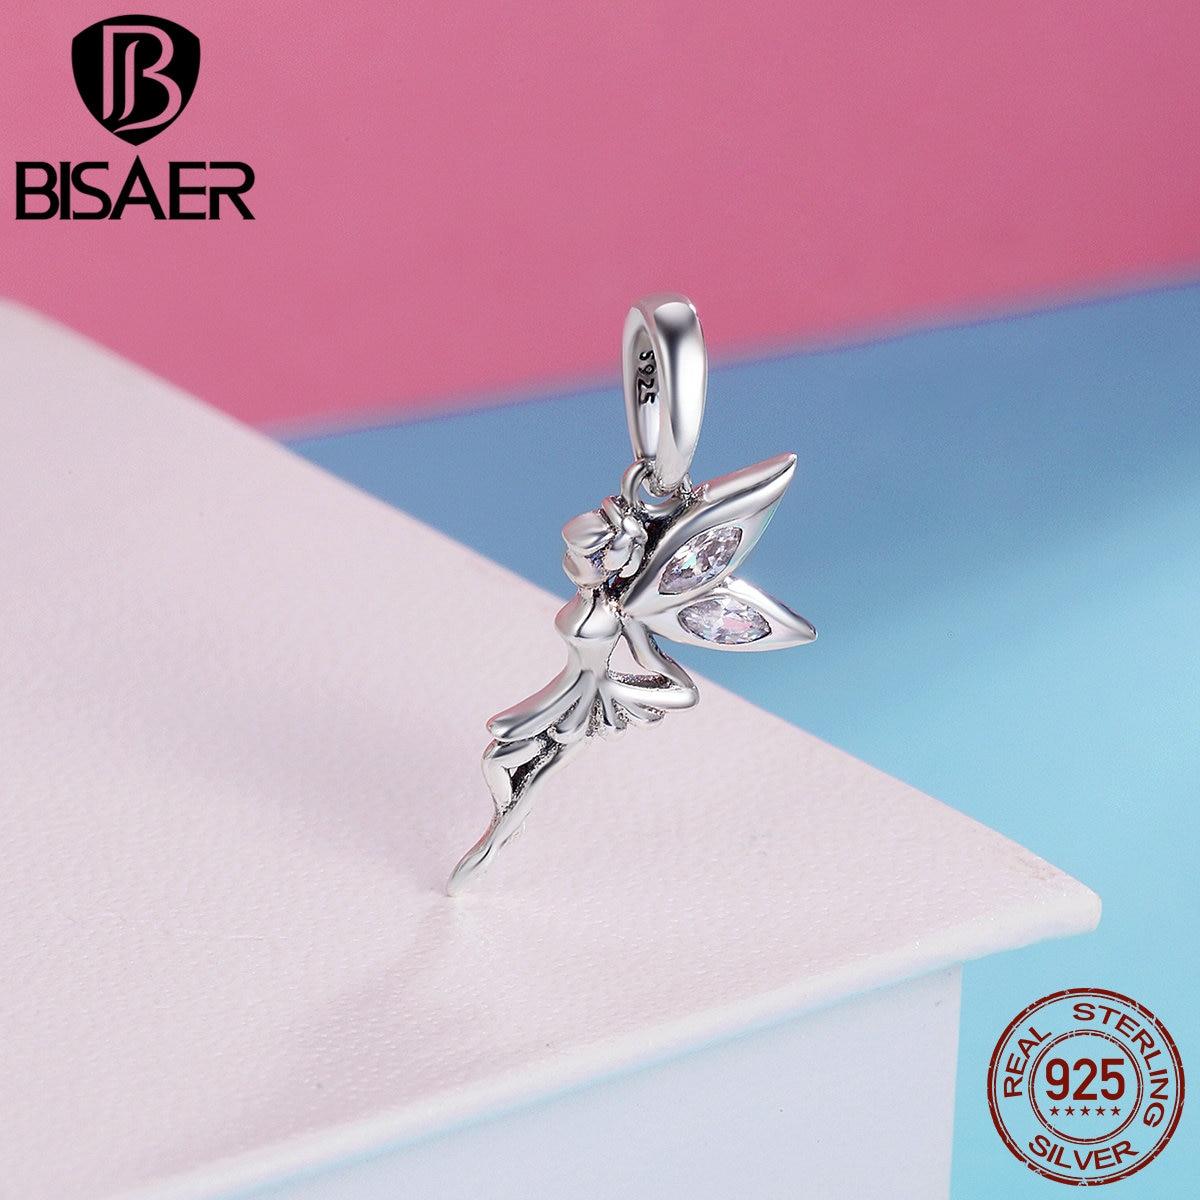 3818bf86b657 Real 100% Plata de Ley 925 flor Hada, plumas de Ángel colgantes dijes Fit  pulsera BISAER plata 925 joyería Original